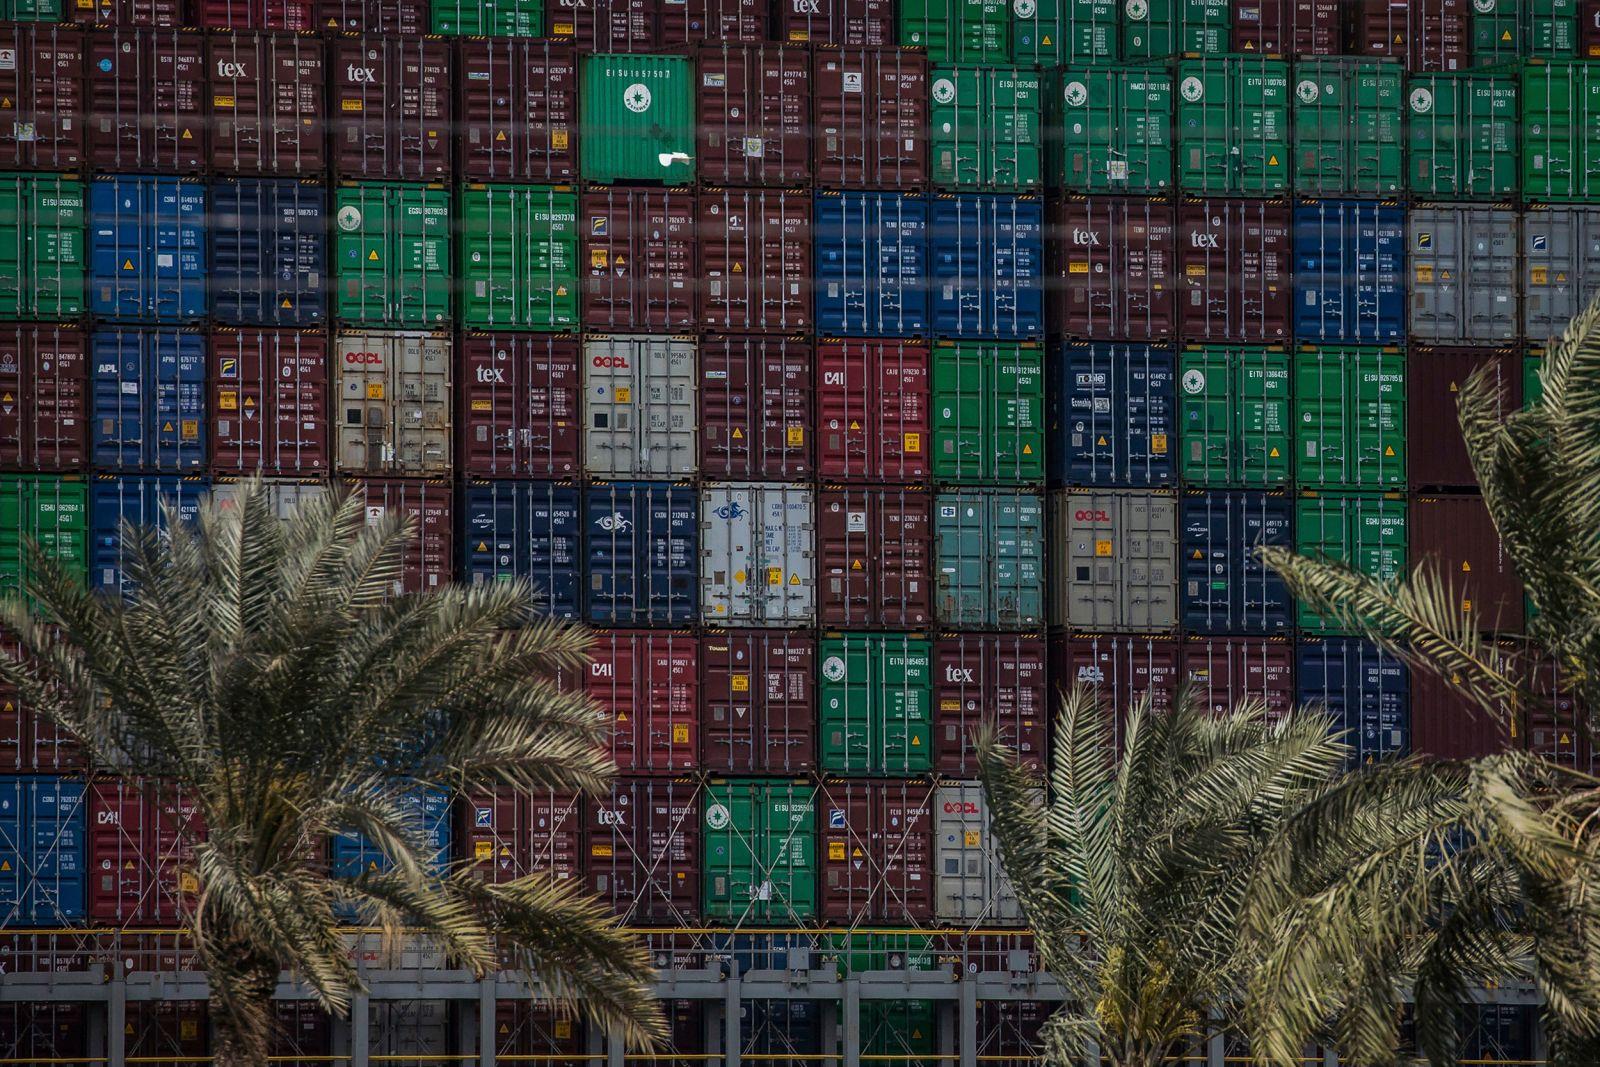 Toàn cảnh vụ tàu mắc kẹt ở kênh đào Suez -0